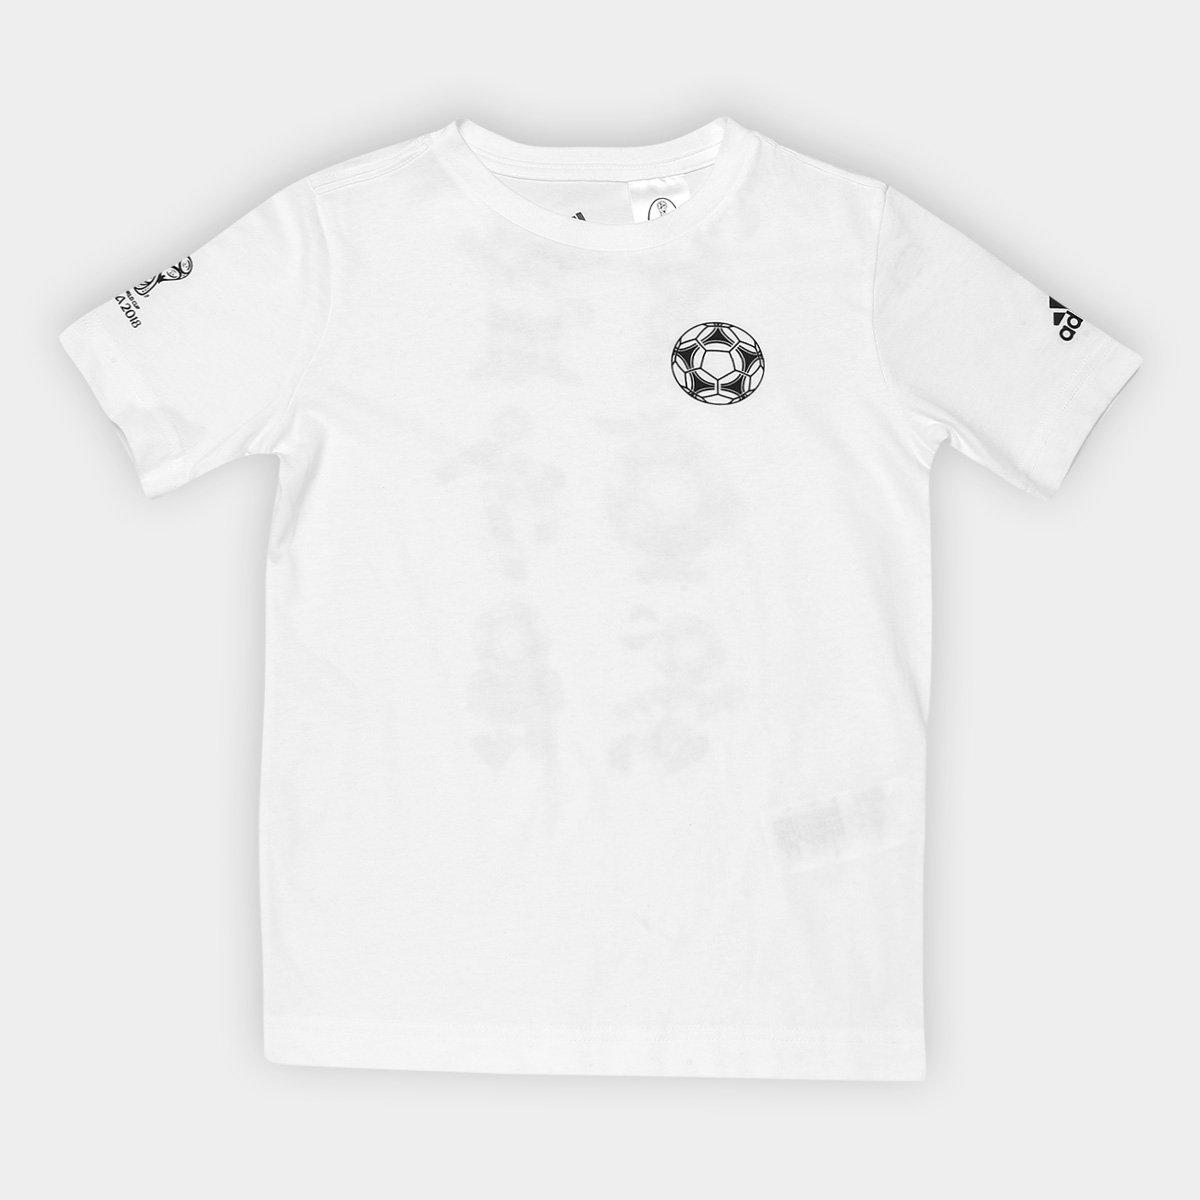 2679ec767e9 Camiseta Adidas Infantil Mascotes Copa - Compre Agora